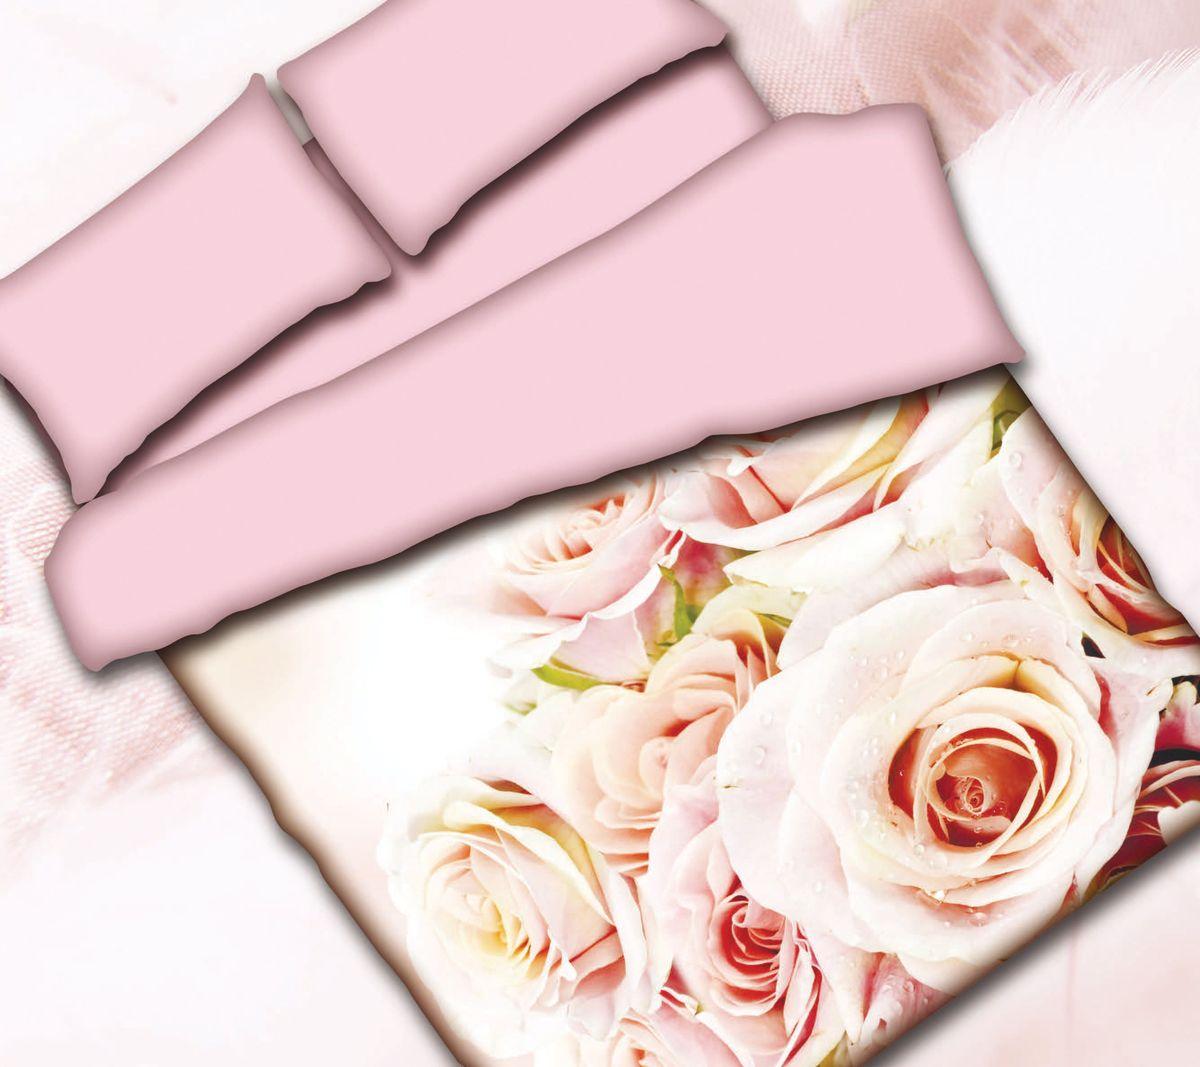 Комплект белья Коллекция Розы, 1,5-спальный, наволочки 50x70. СРП1,5/50/ОЗ/розыСРП1,5/50/ОЗ/розы